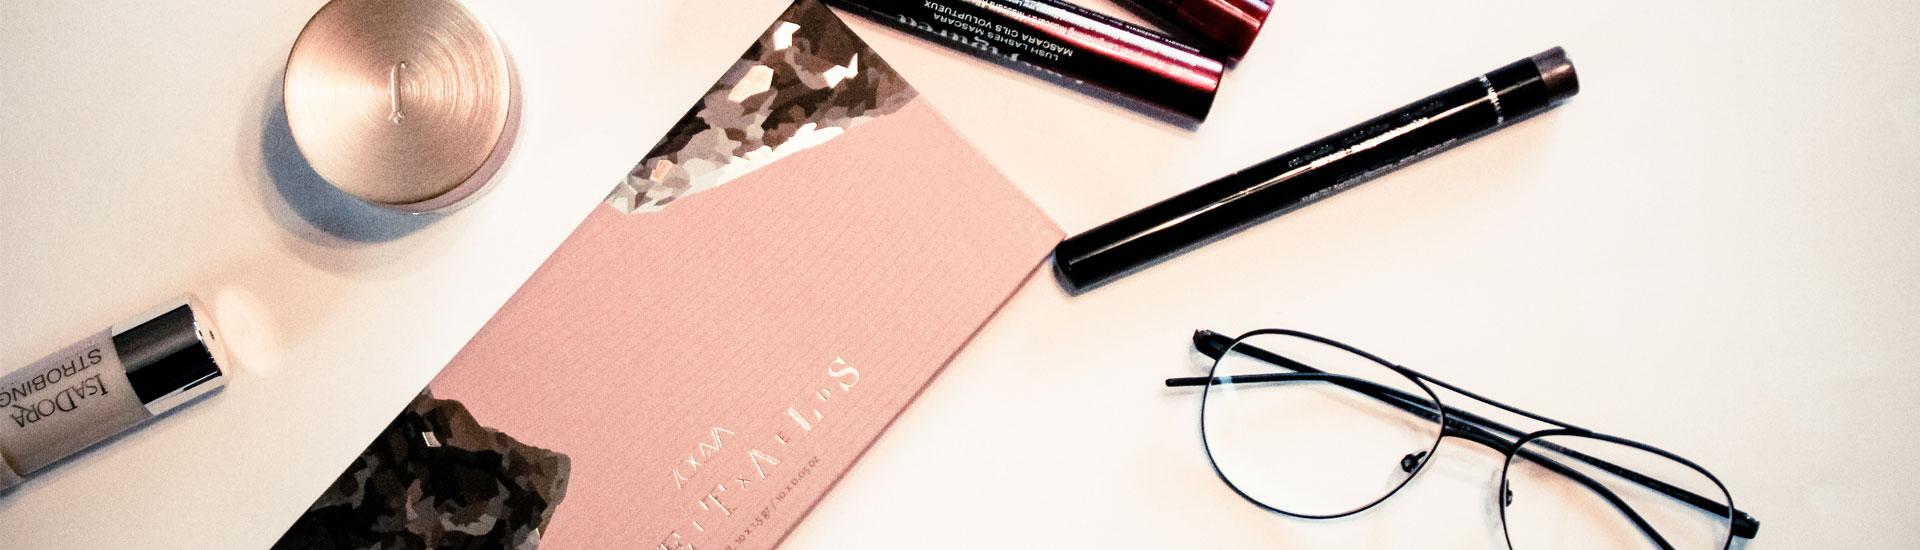 slider-makeupforglasses